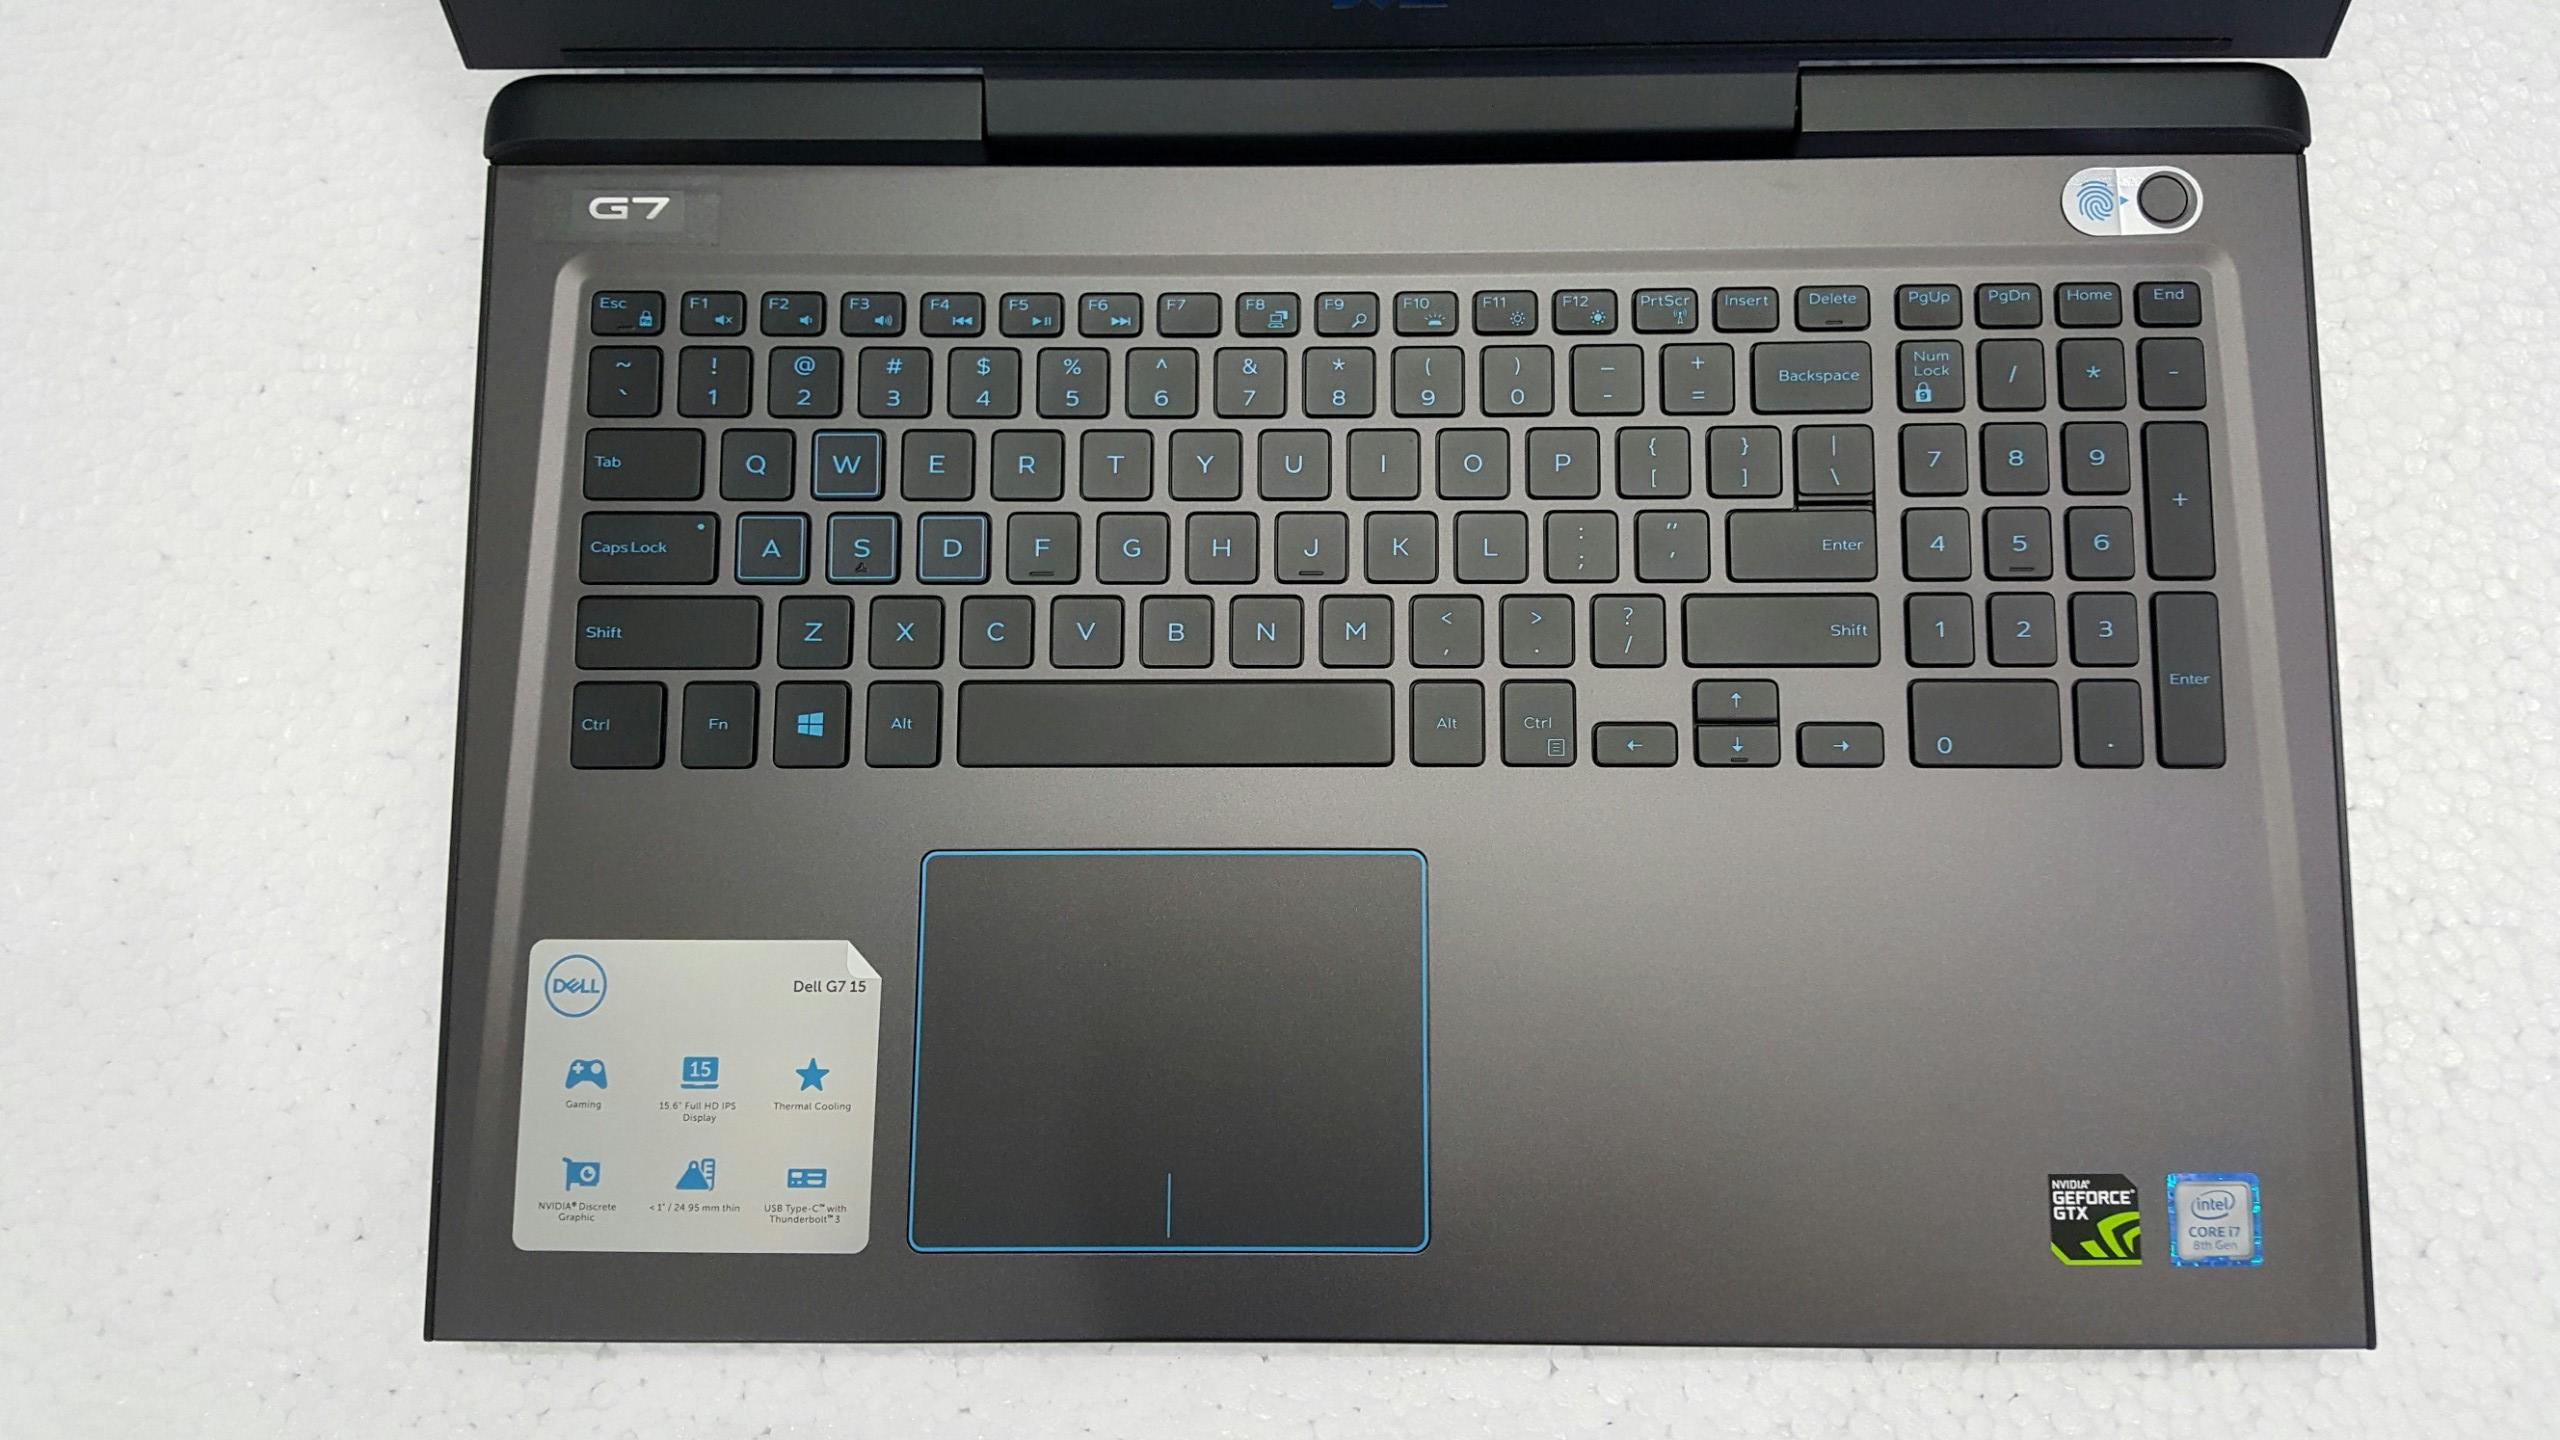 Bàn phím Dell G7 7588